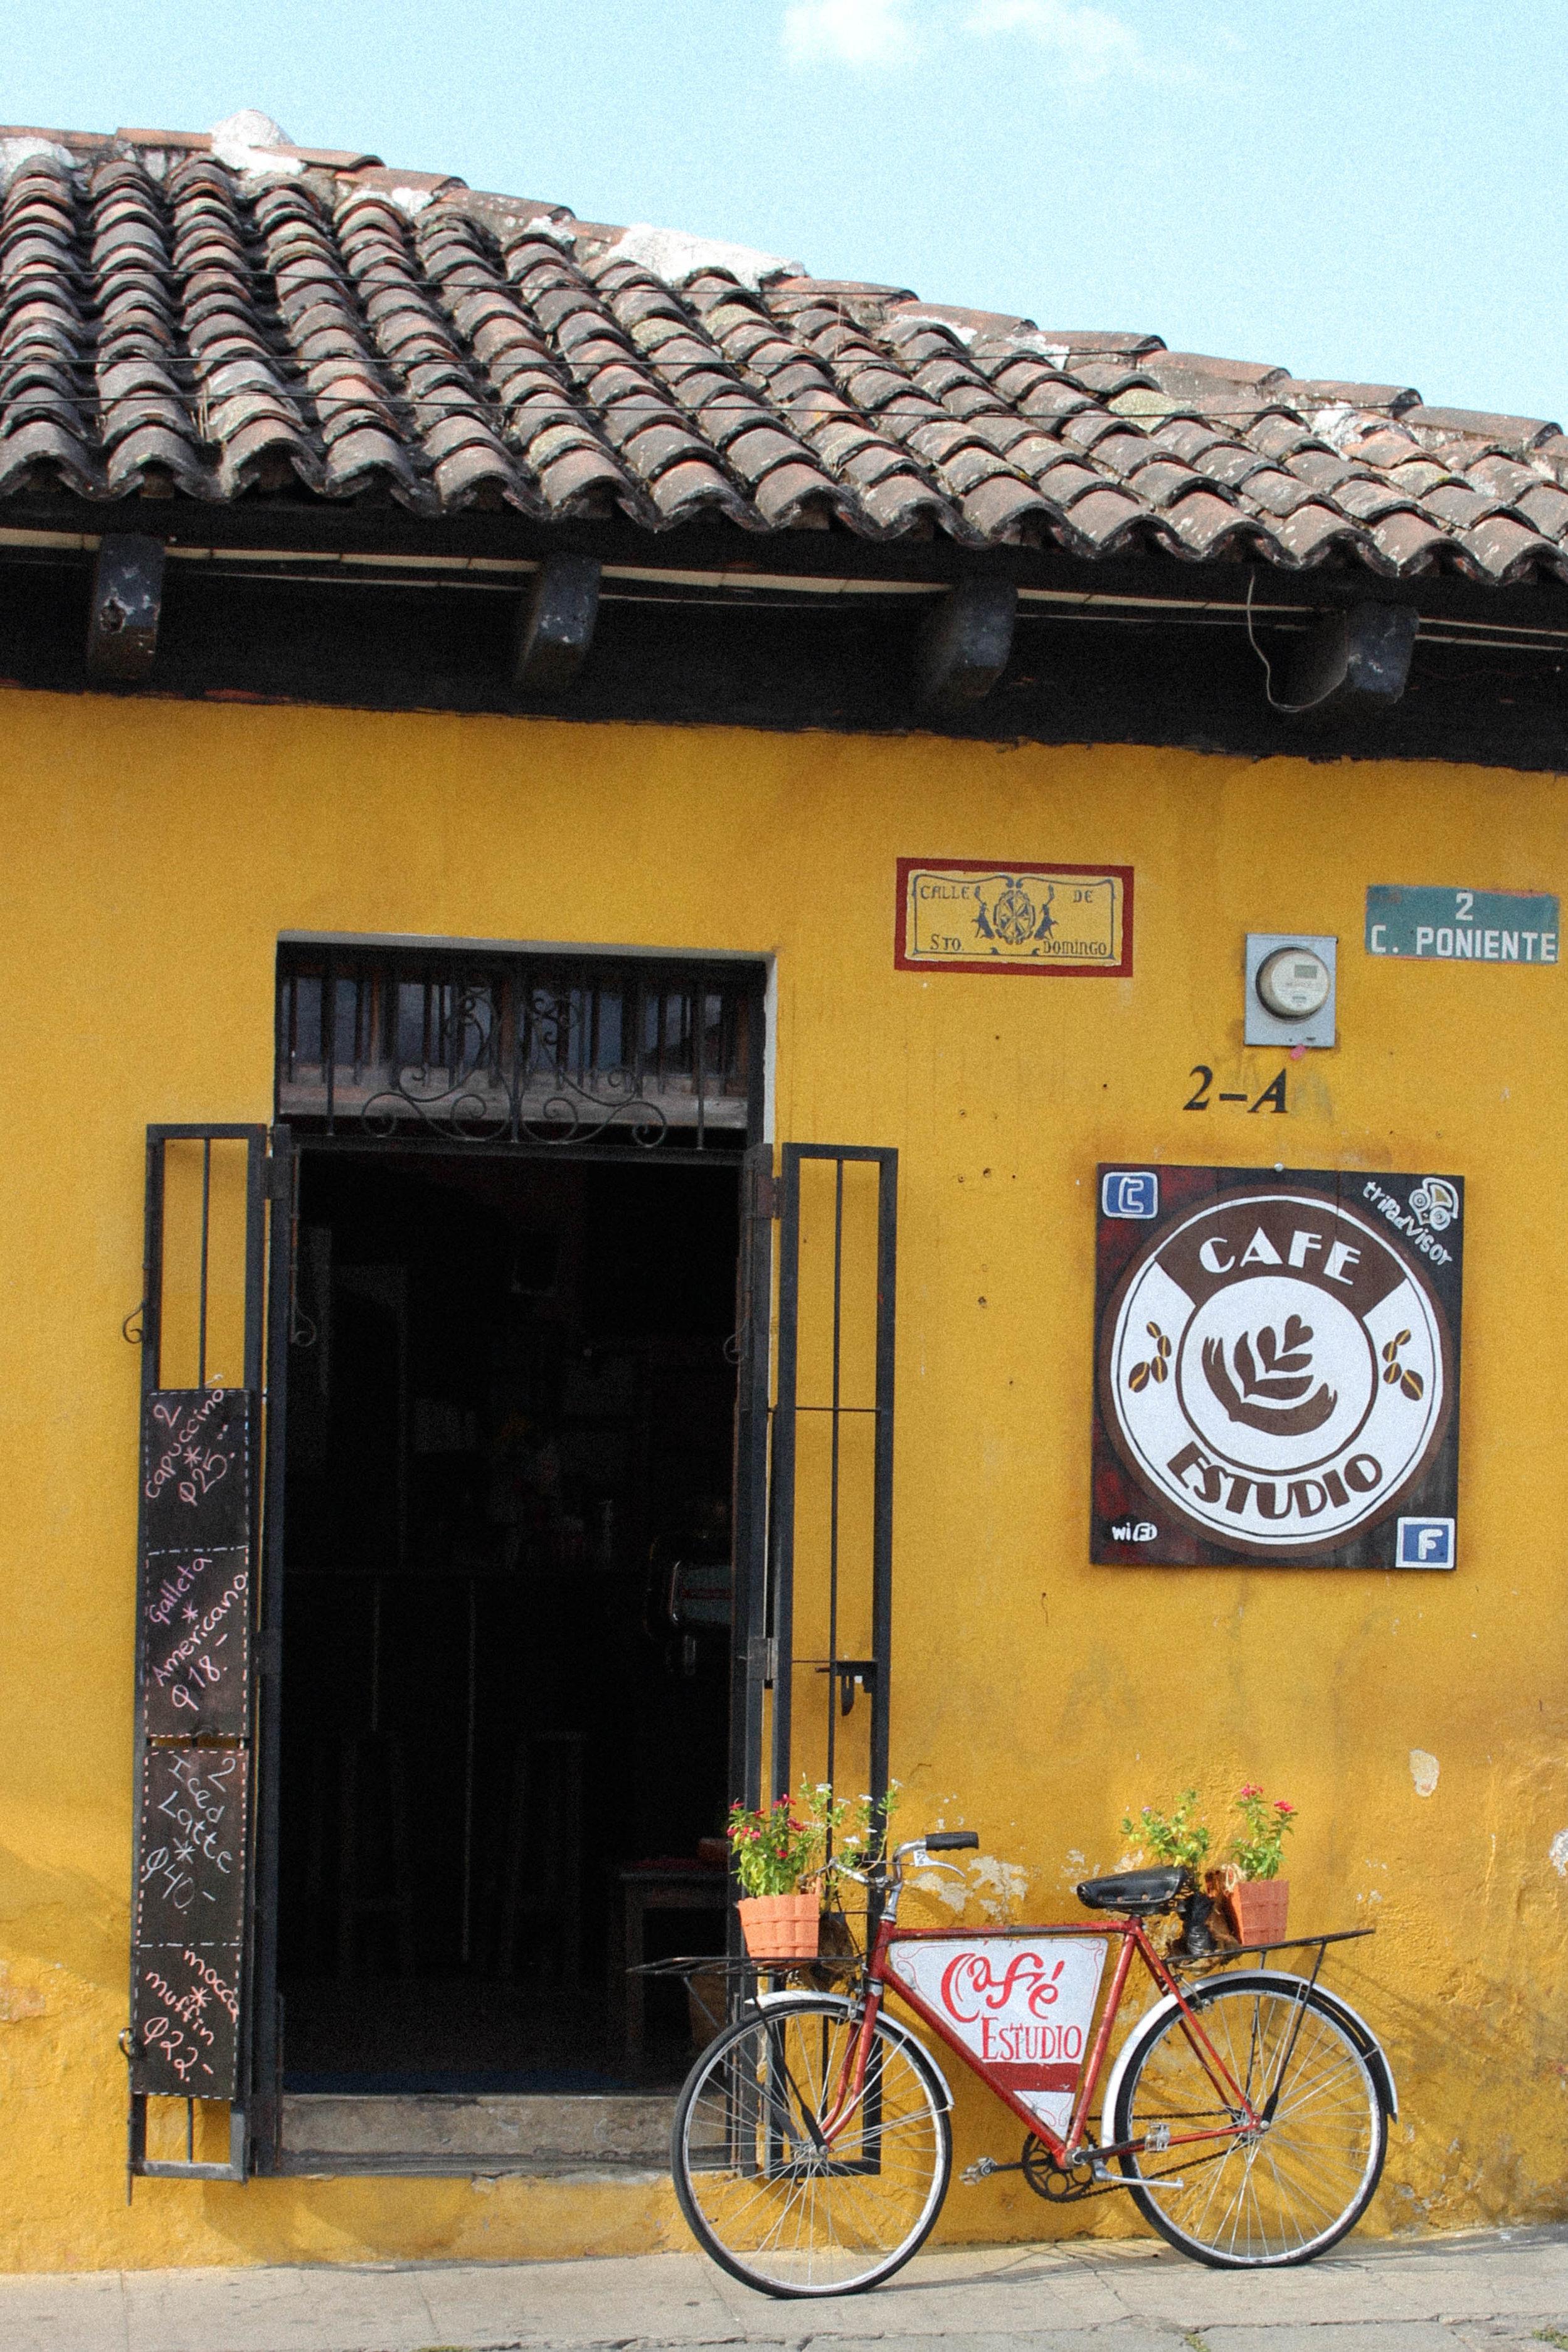 Antigua- Cafe Estudion-natalienehlawi.com.jpg